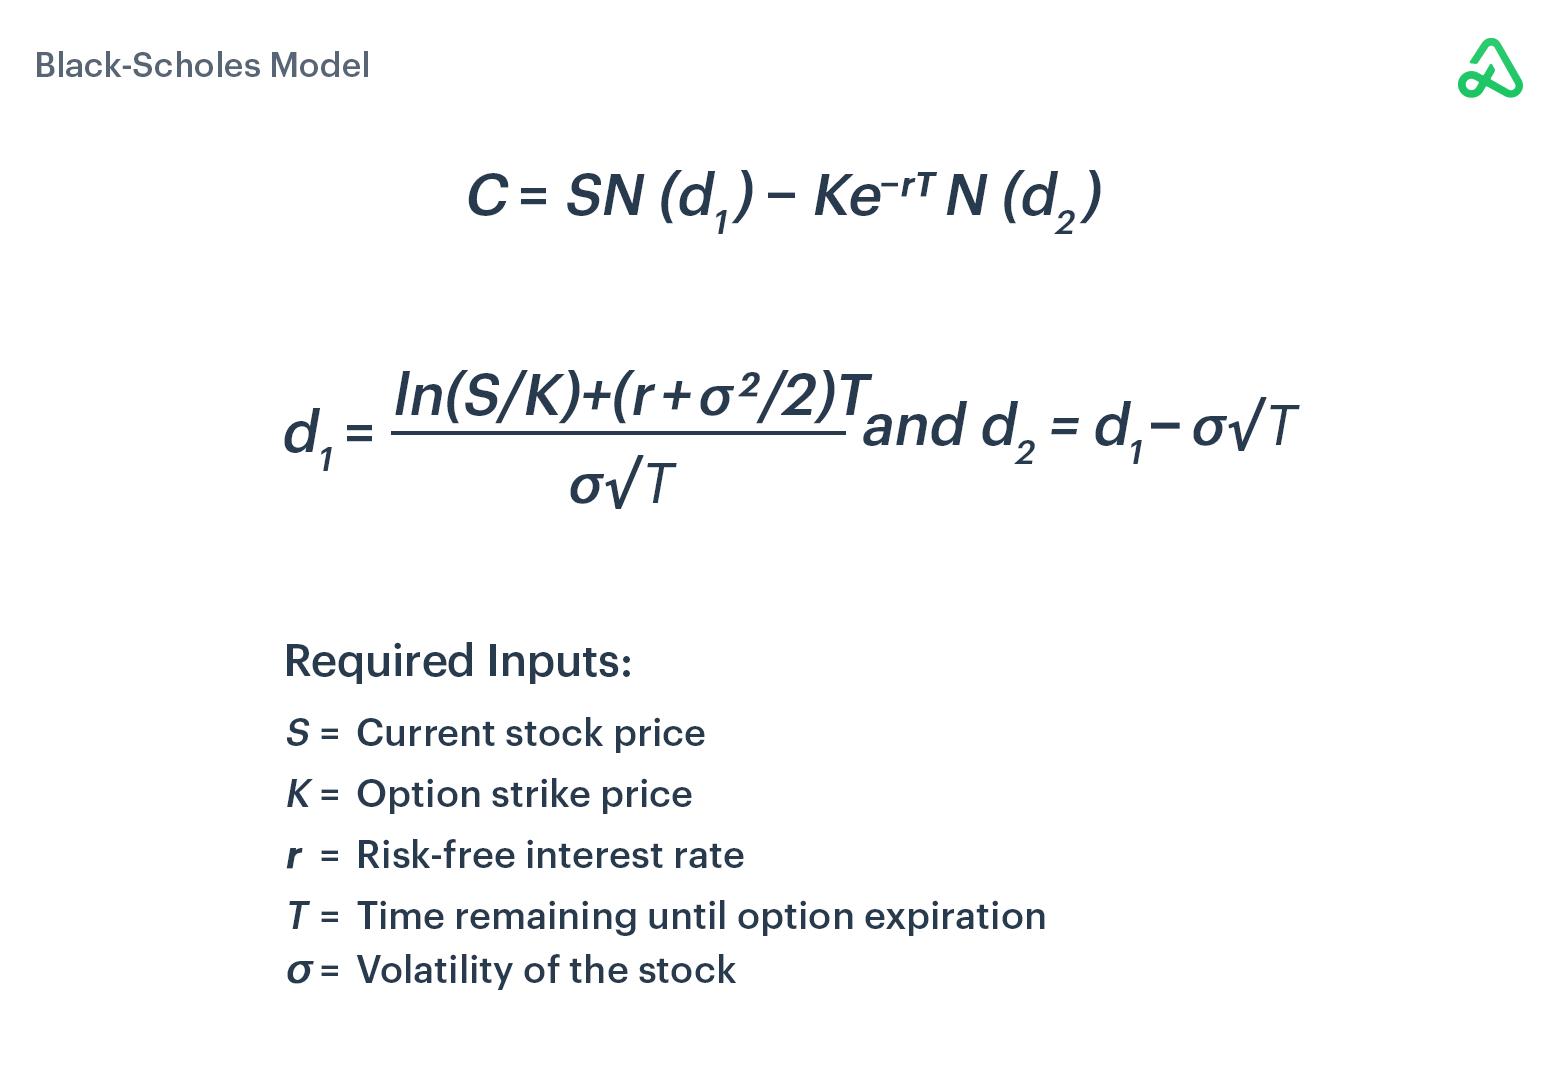 Black-Scholes Model Formula